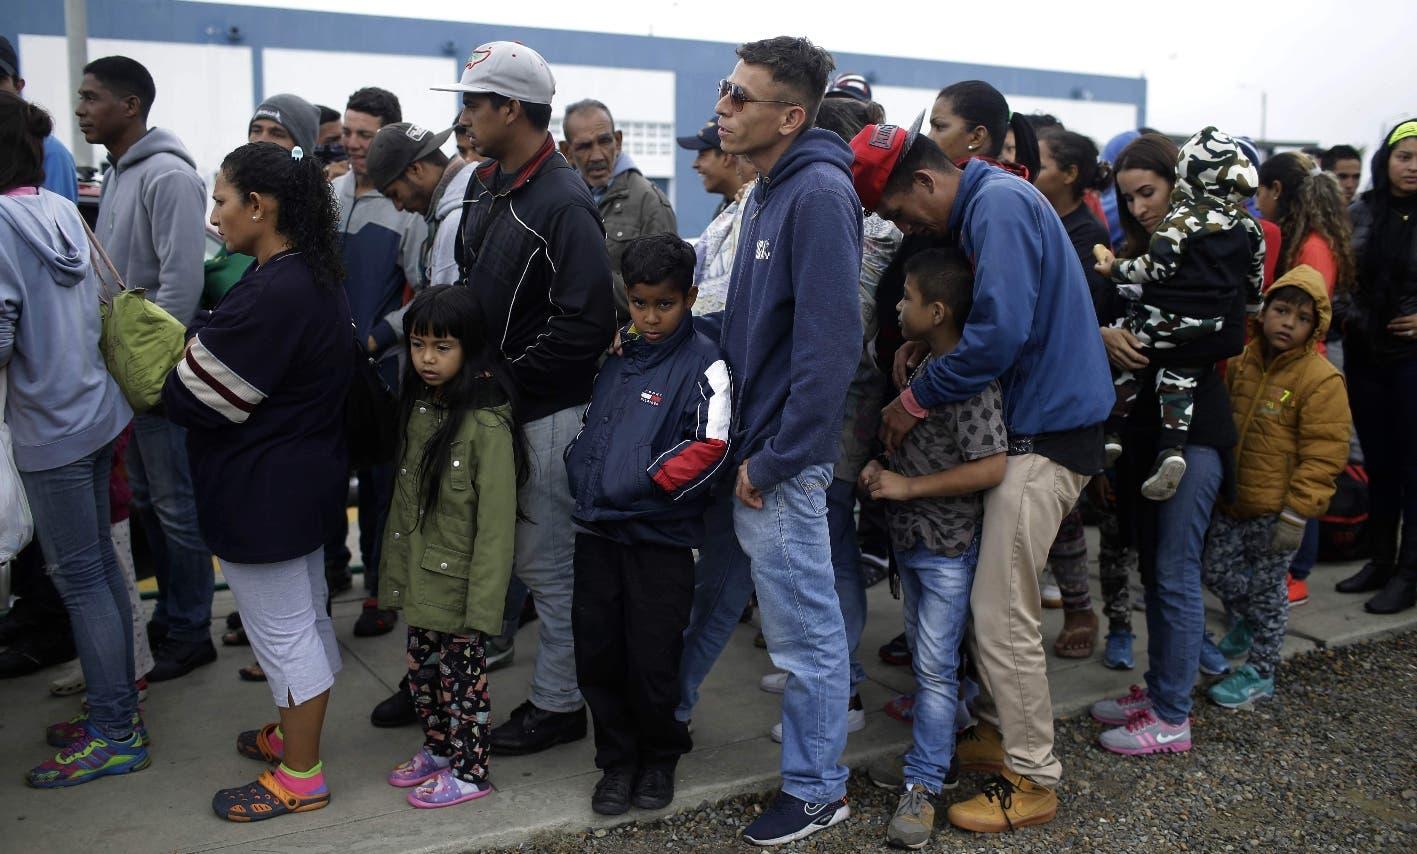 El Papa pide que prevalezca la preocupación humanitaria ante la inmigración